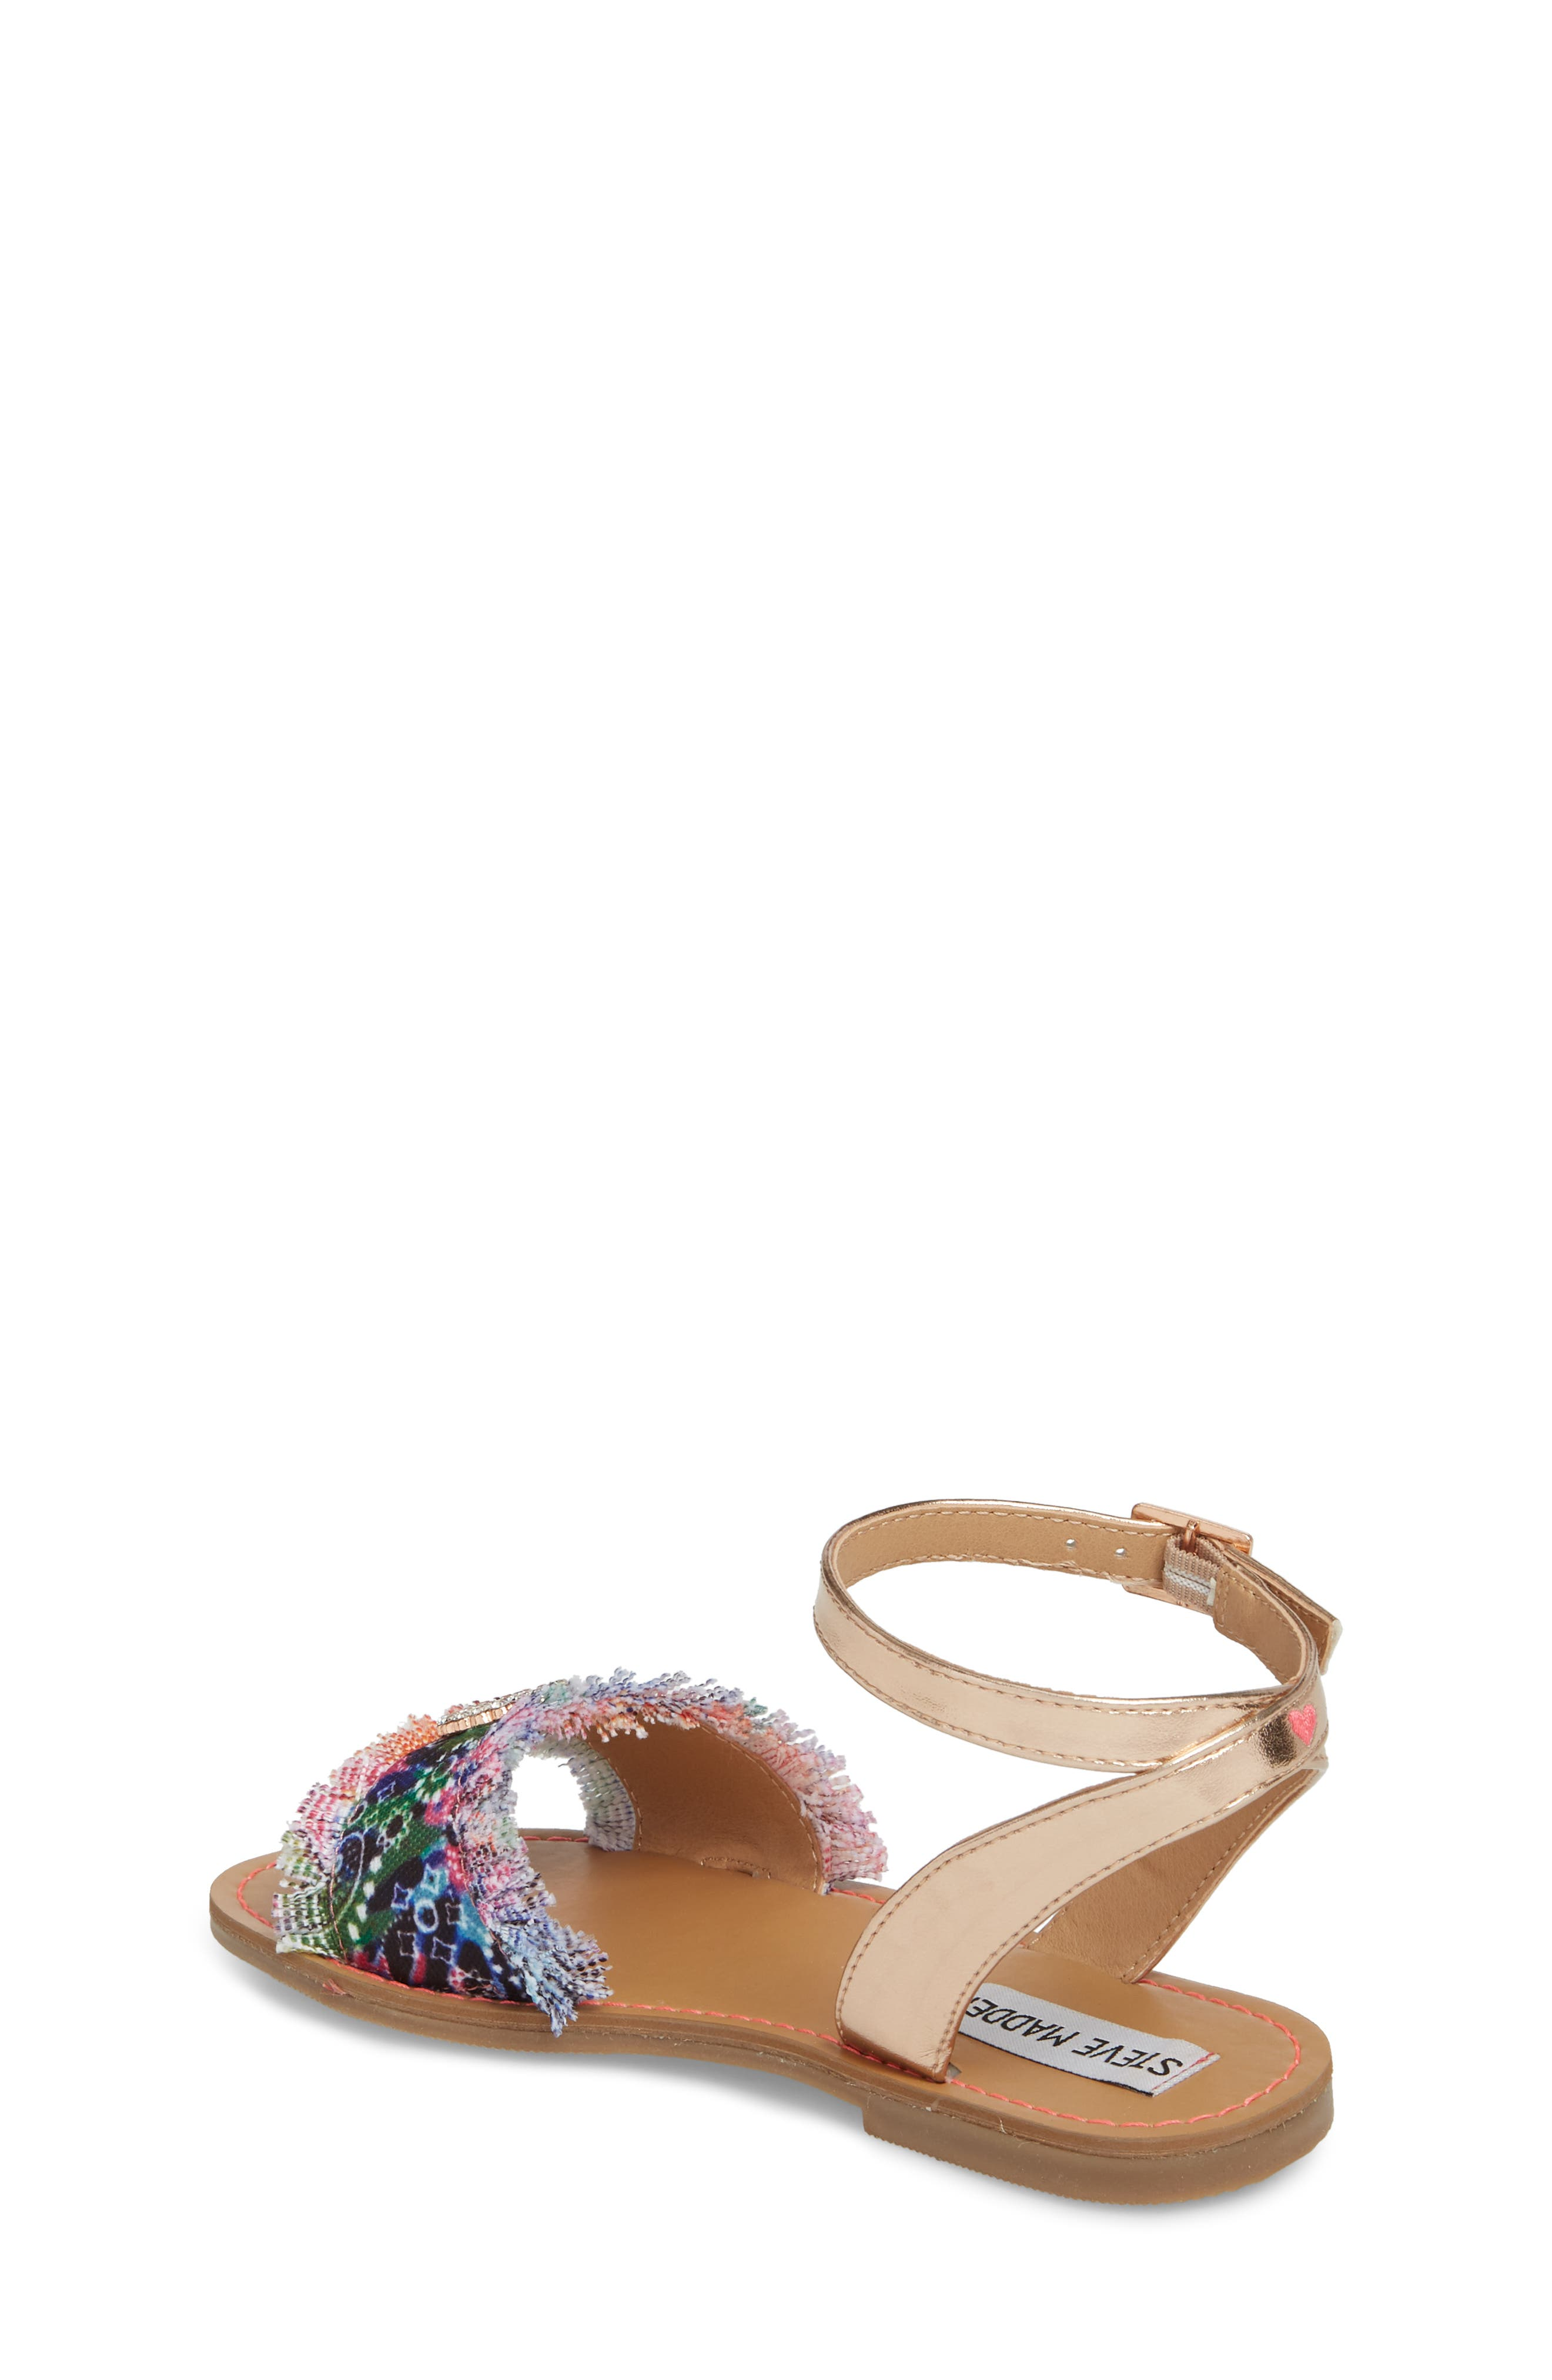 JVILLA Ankle Strap Sandal,                             Alternate thumbnail 2, color,                             Tie Dye